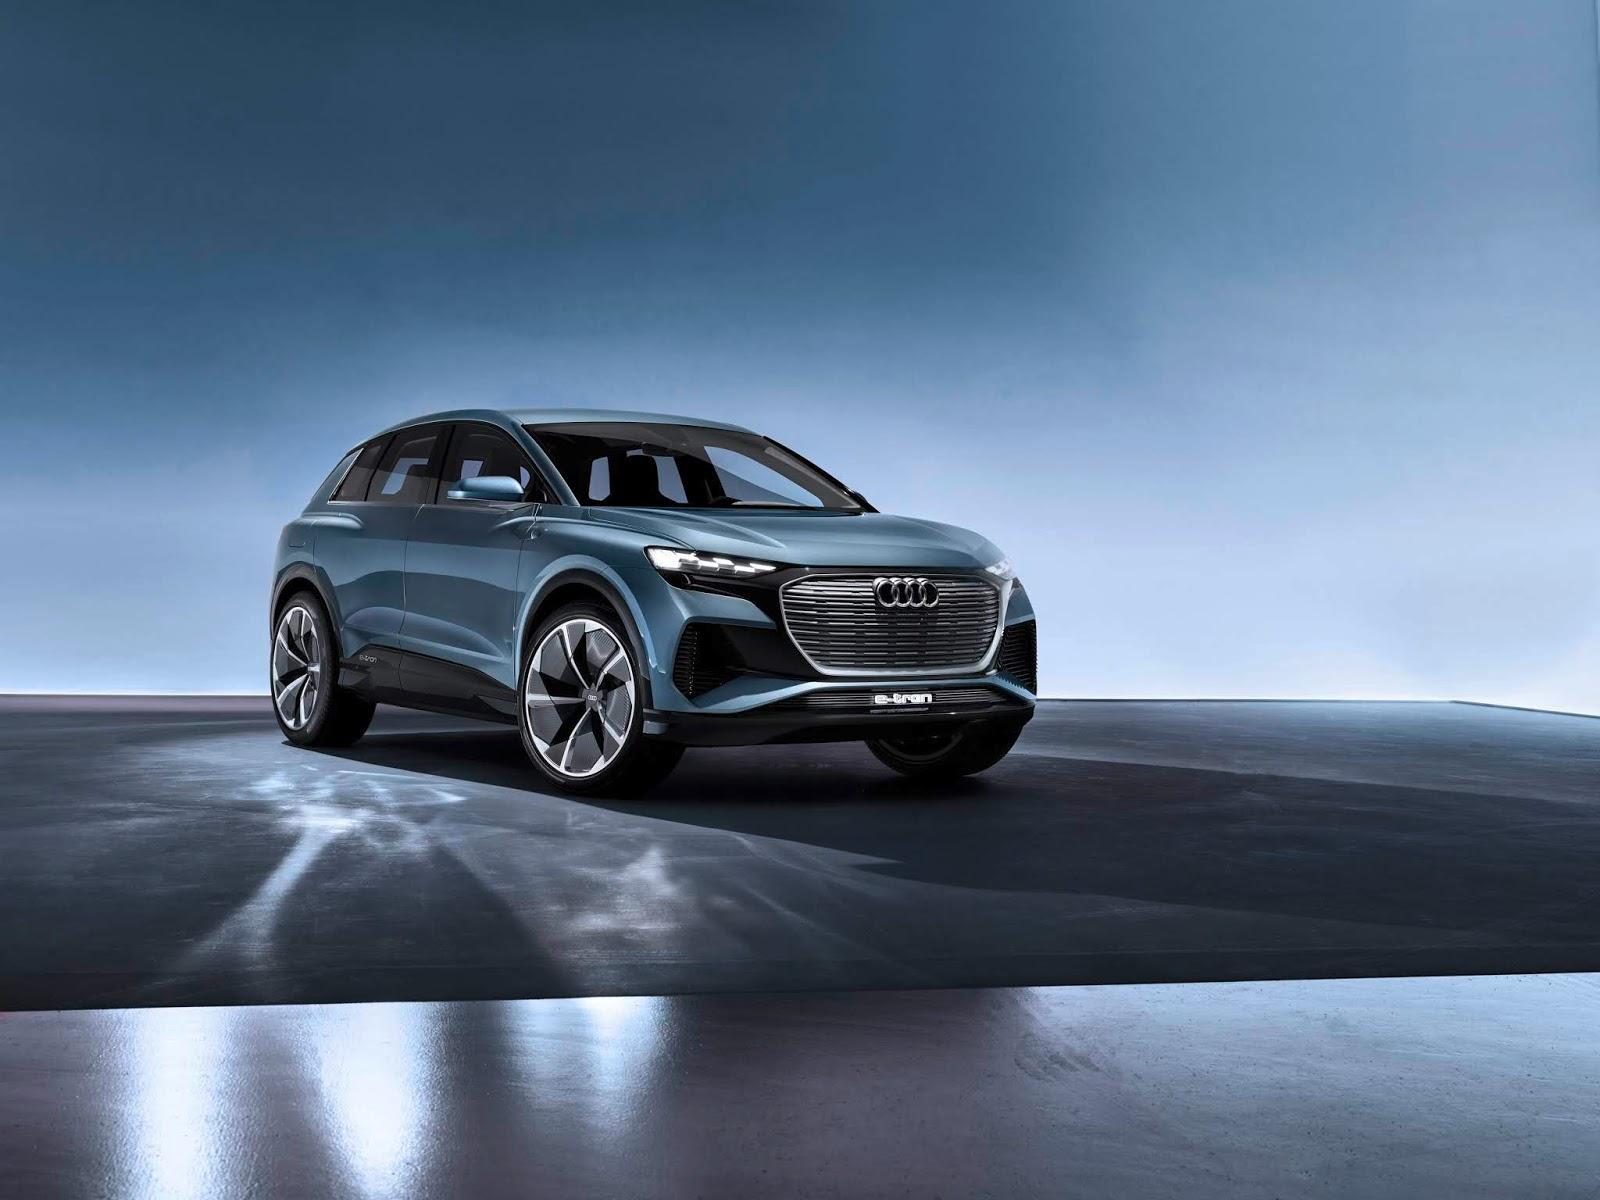 A192564 medium Αυτό είναι το Audi Q4 e-tron Audi, audi q4, E-tron, Έκθεση Γενεύης, Σαλόνι Αυτοκινήτου, Σαλόνι Αυτοκινήτου της Γενεύης